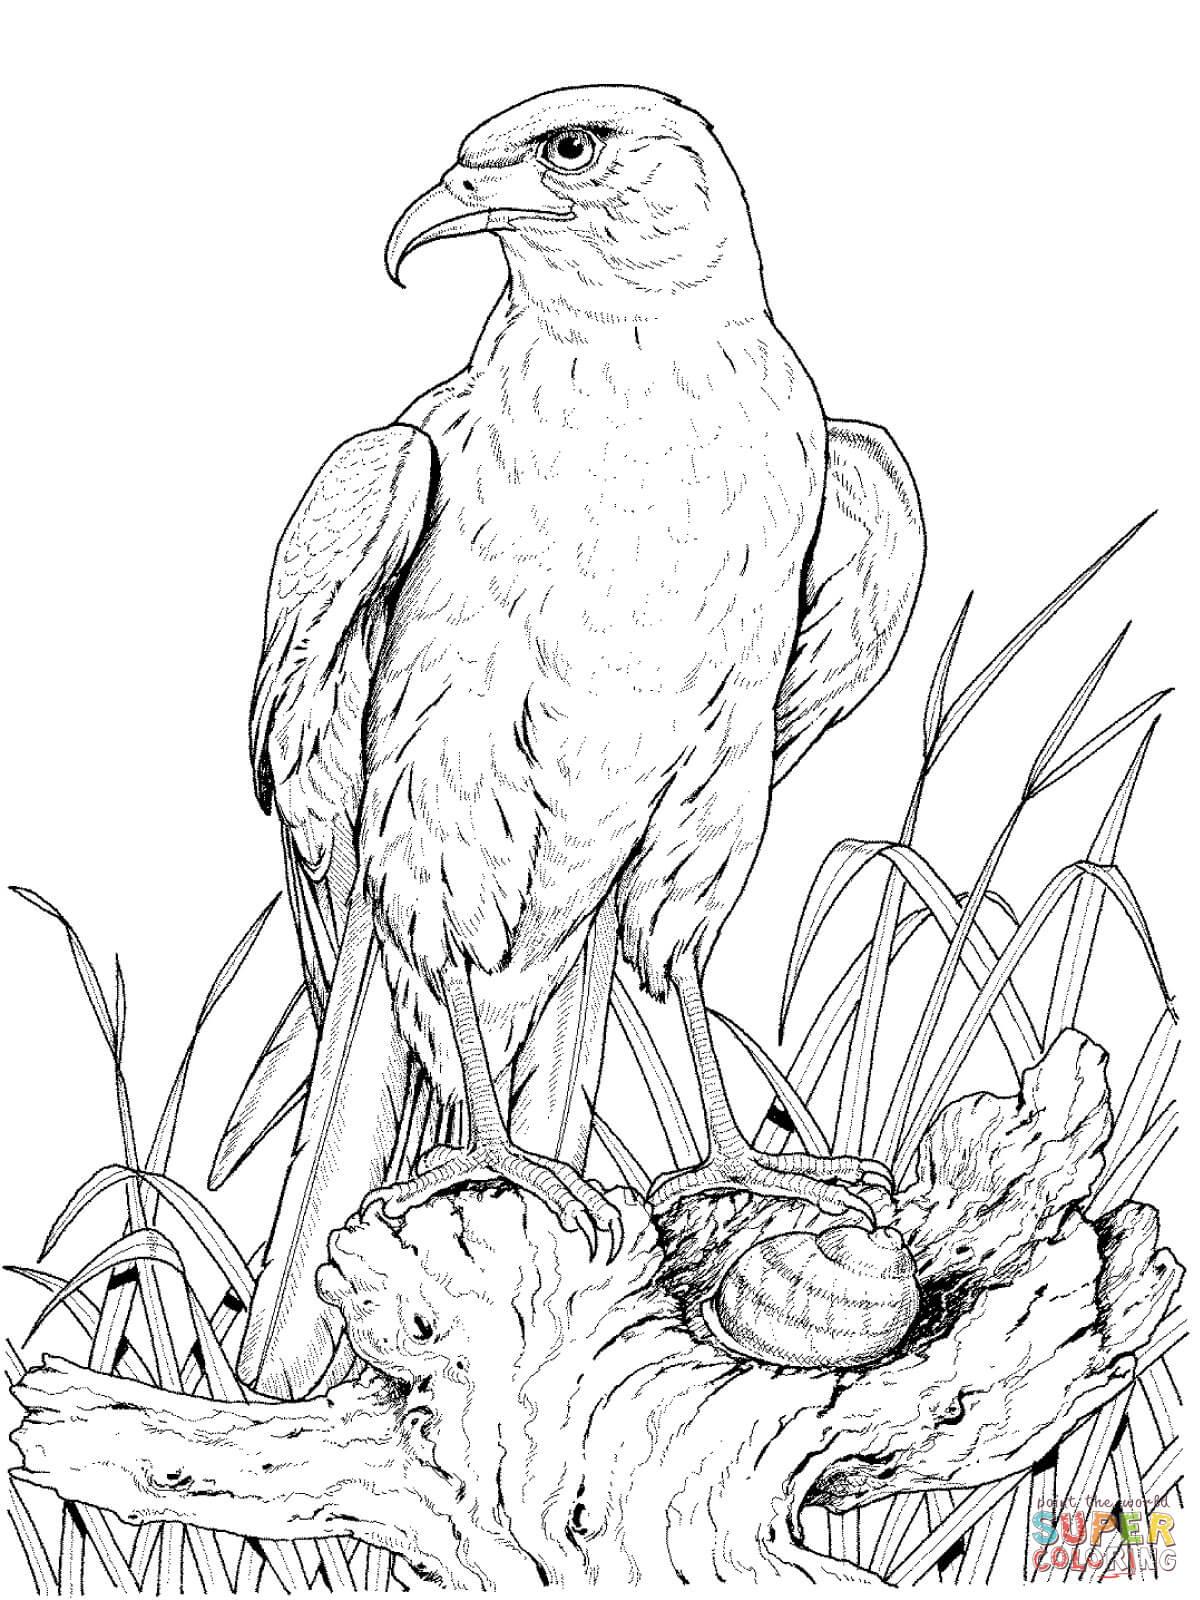 Ausmalbilder Adler - Malvorlagen Kostenlos Zum Ausdrucken über Ausmalbilder Adler